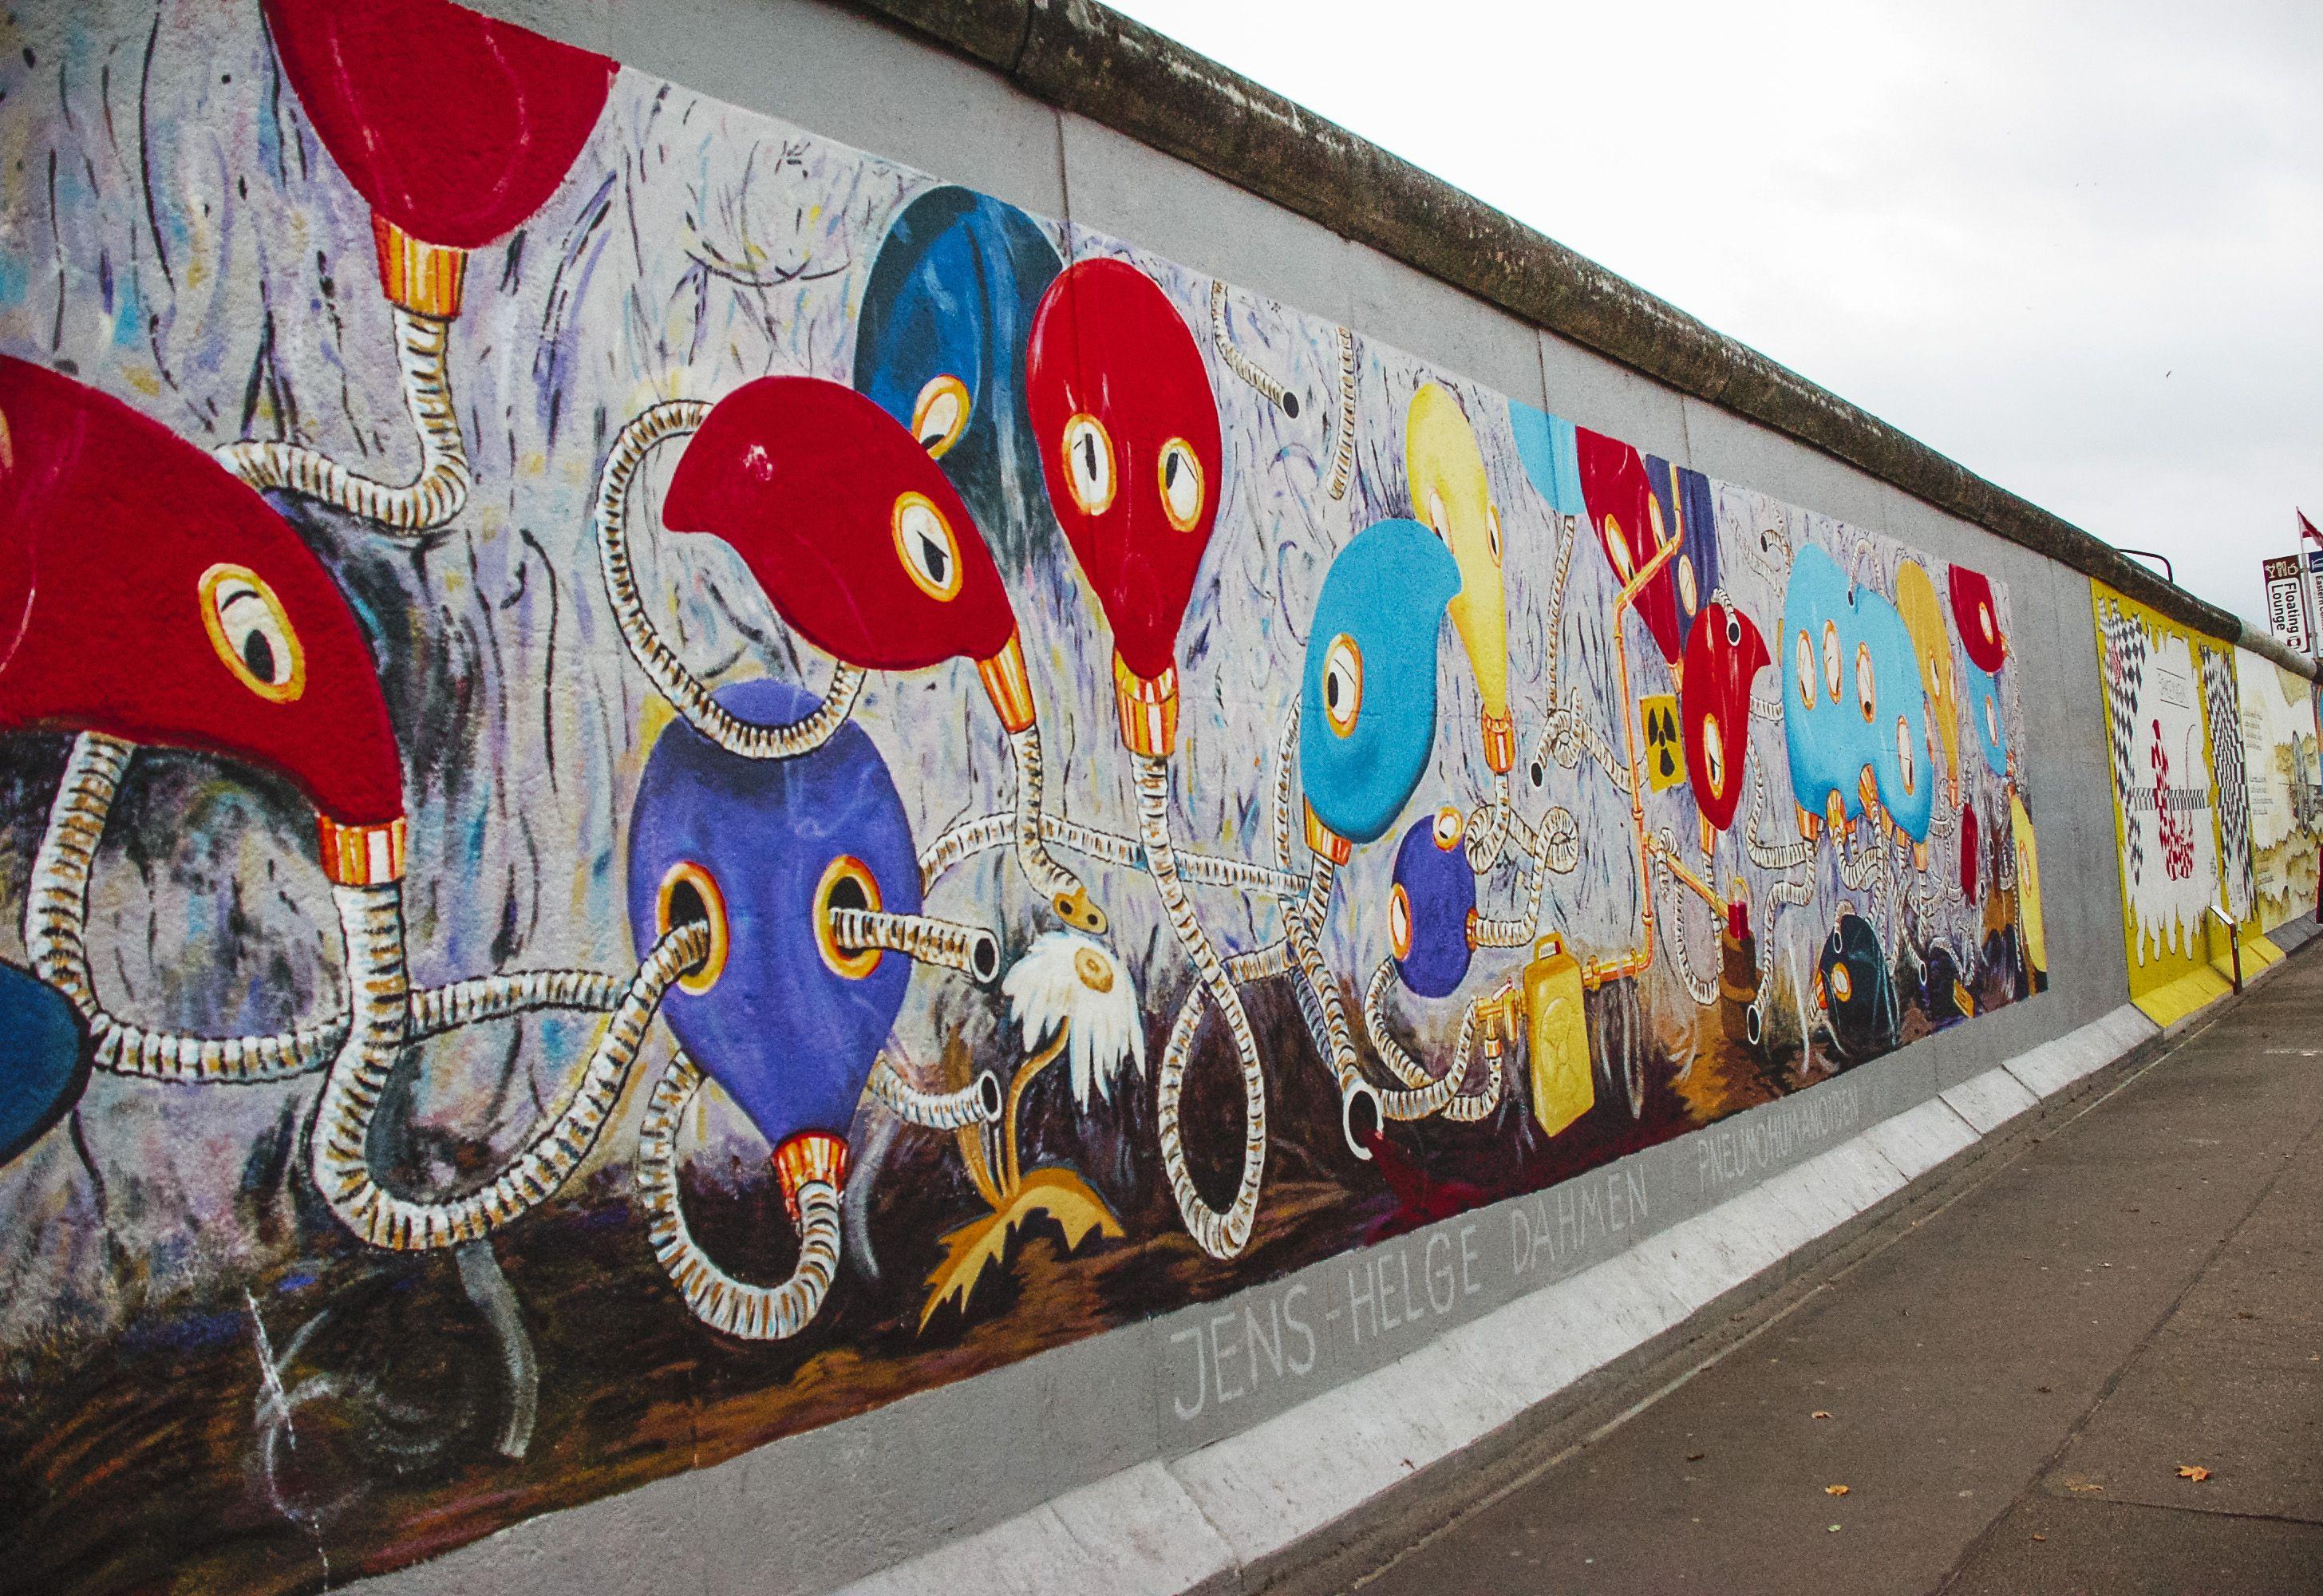 Berlin Wall Subway Map.East Side Gallery In Berlin